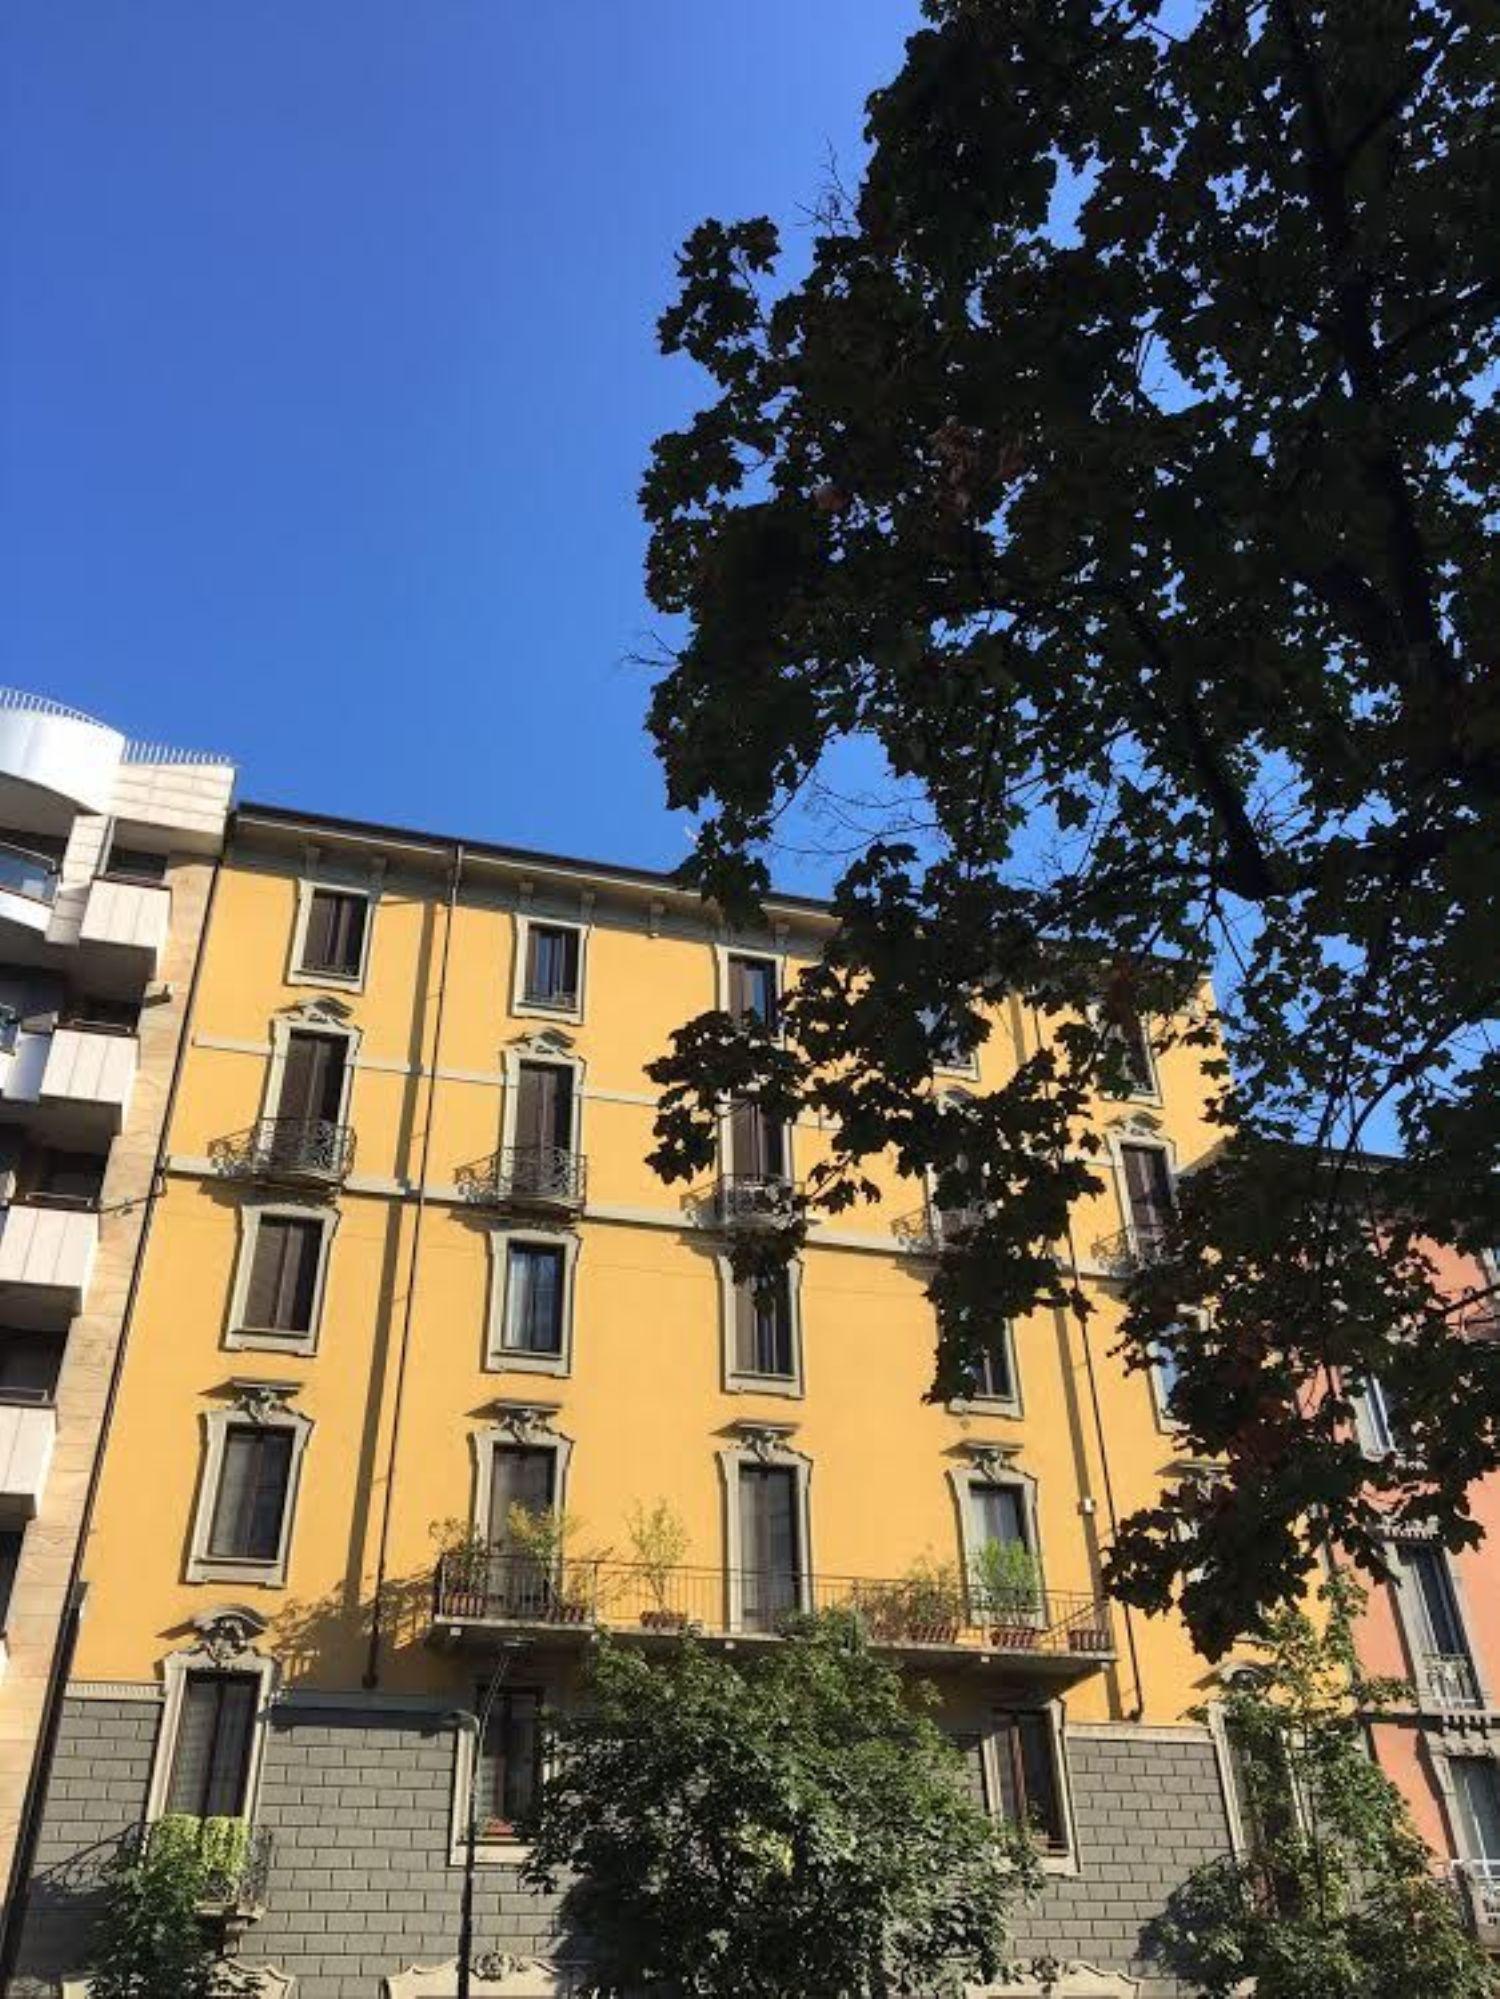 Appartamento in affitto a Milano, 2 locali, prezzo € 1.150 | CambioCasa.it